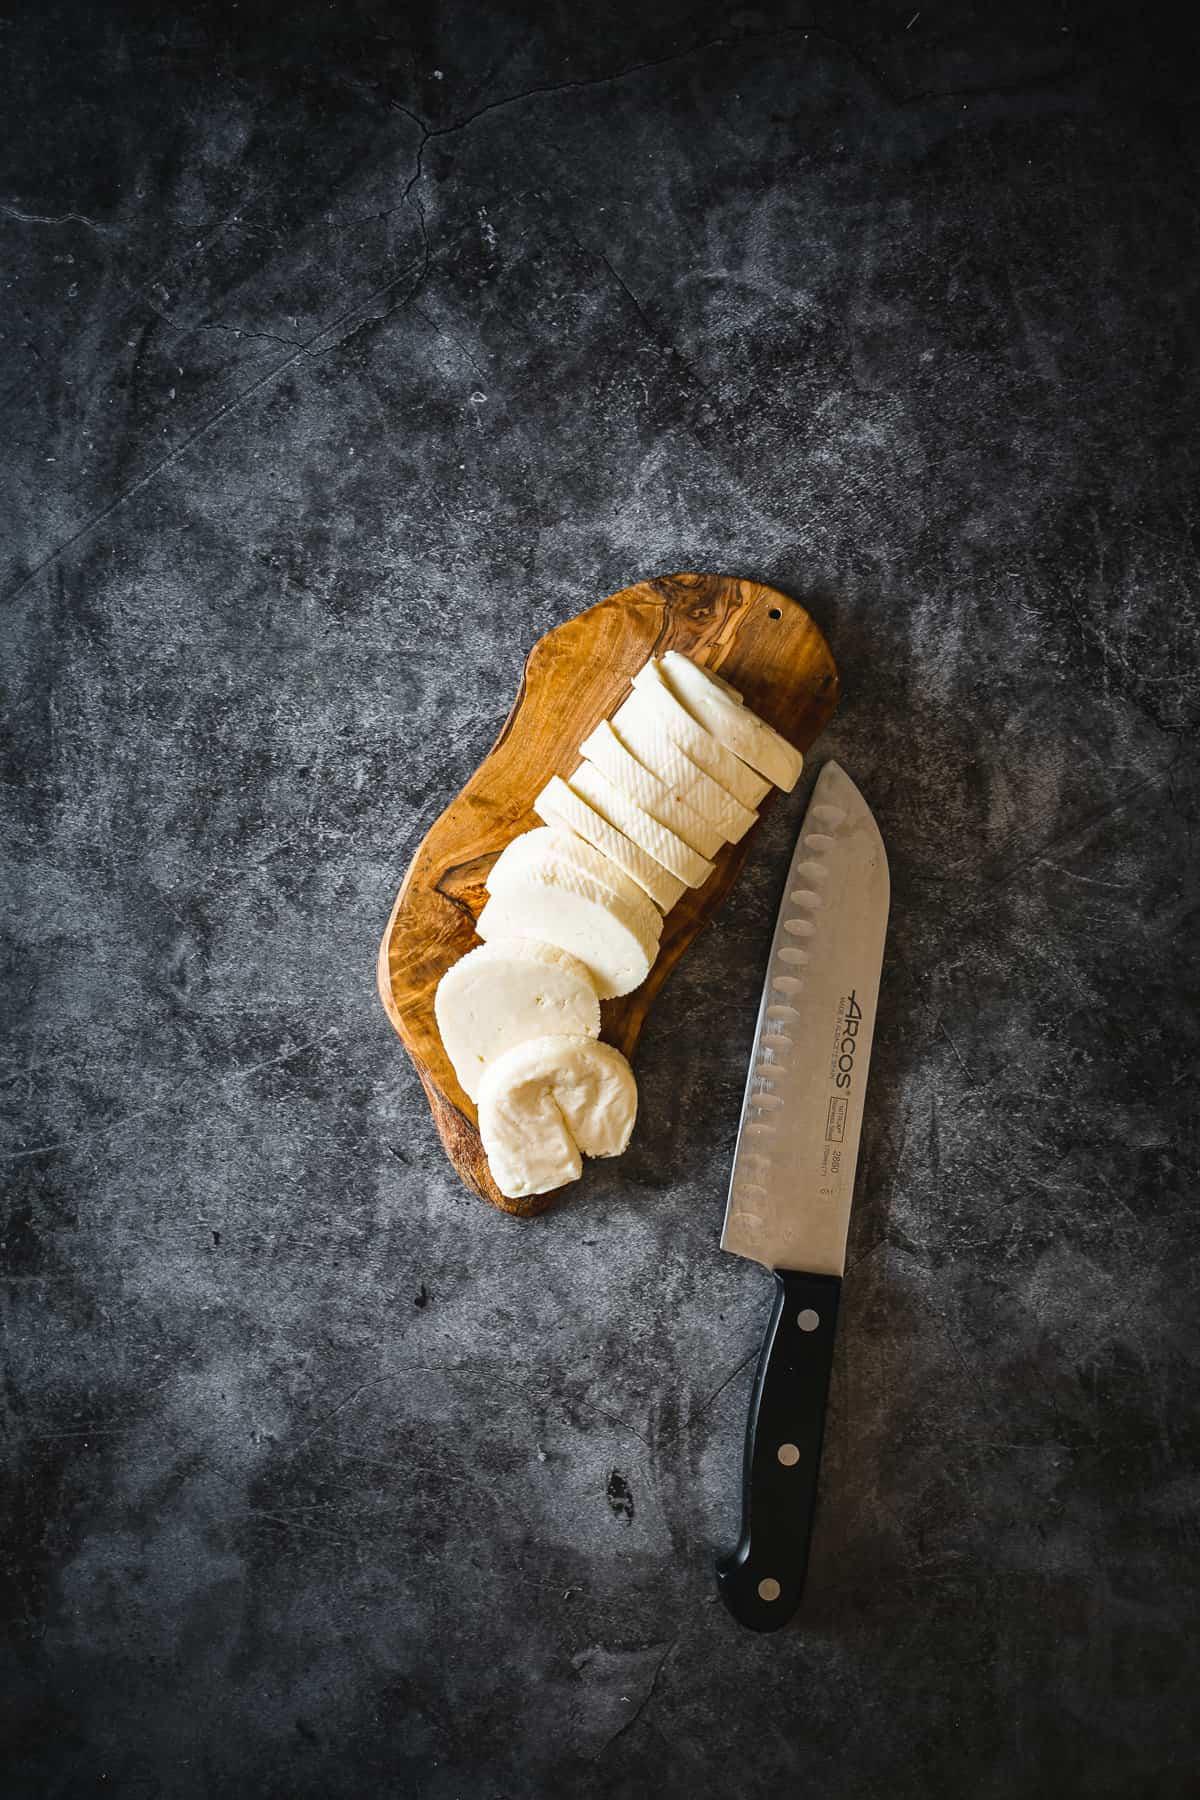 halloumi cheese on cutting board